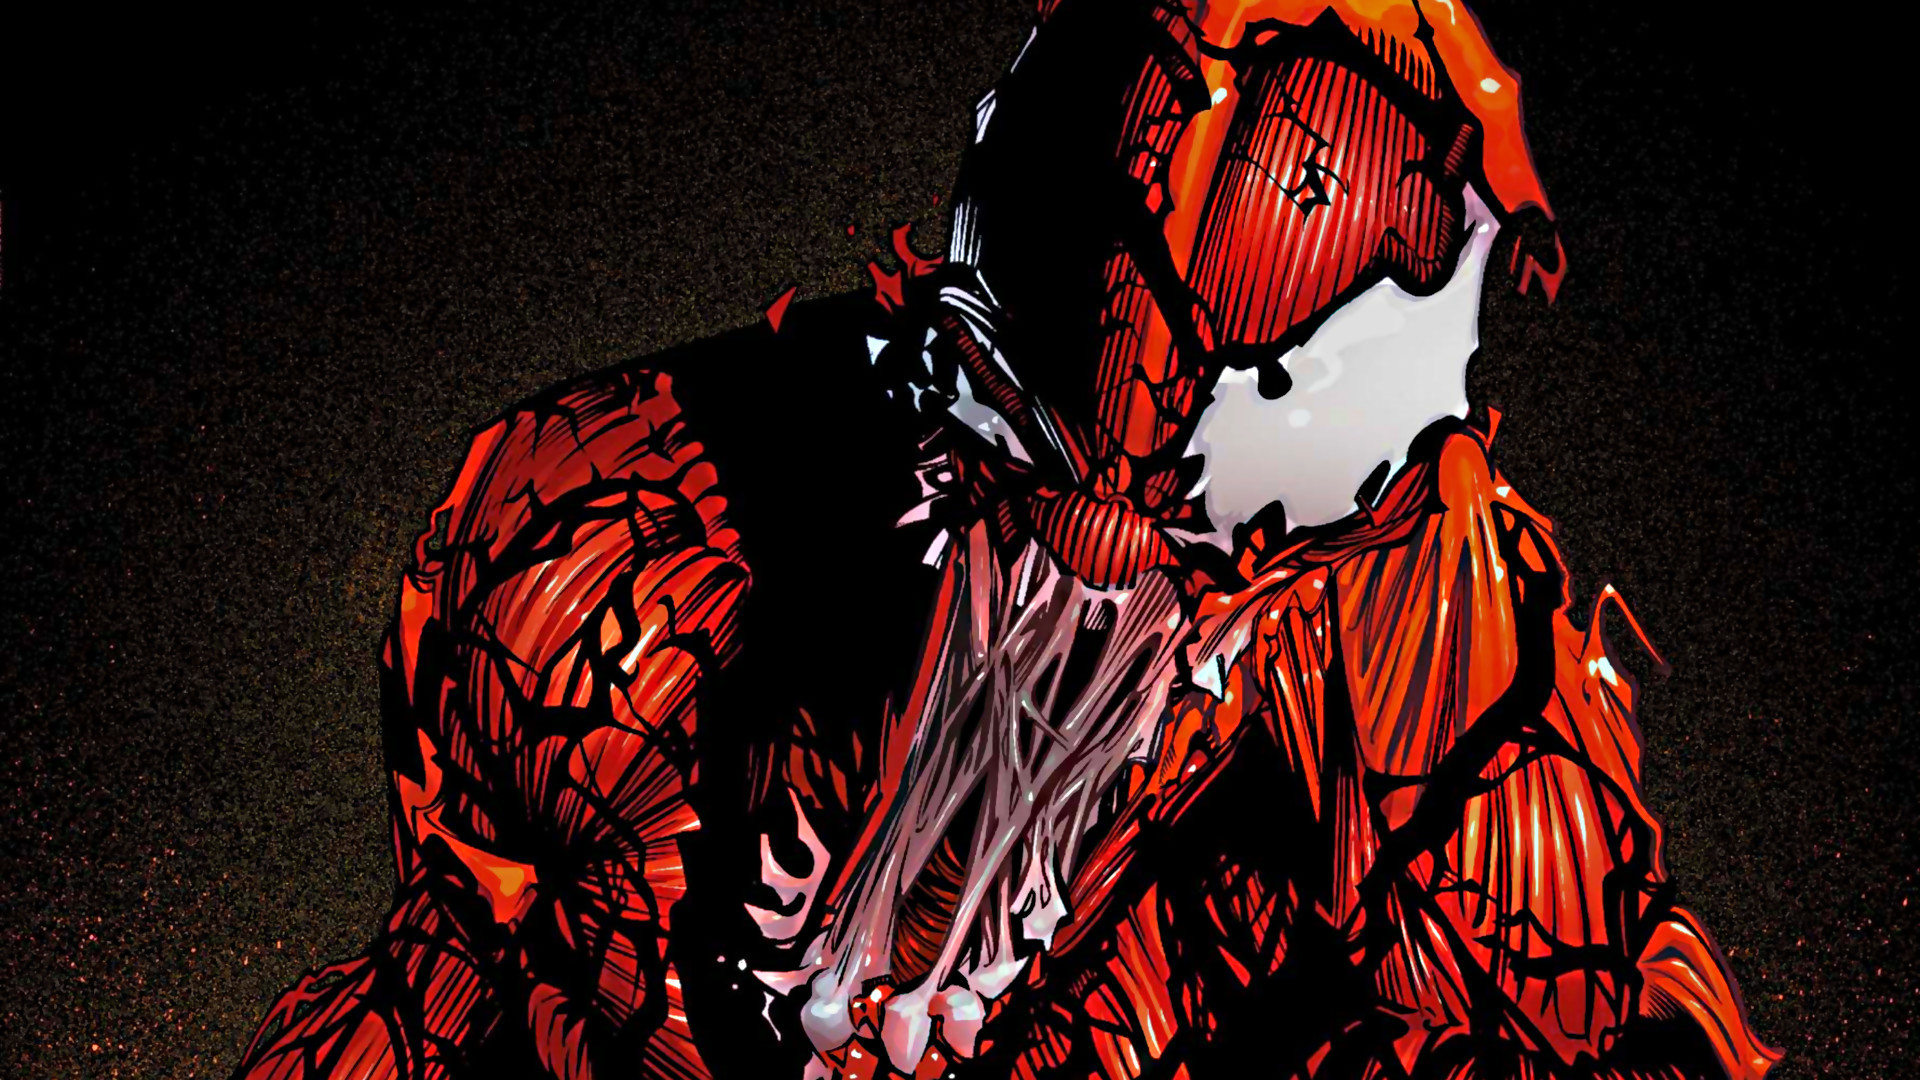 Carnage Vs Venom Wallpaper